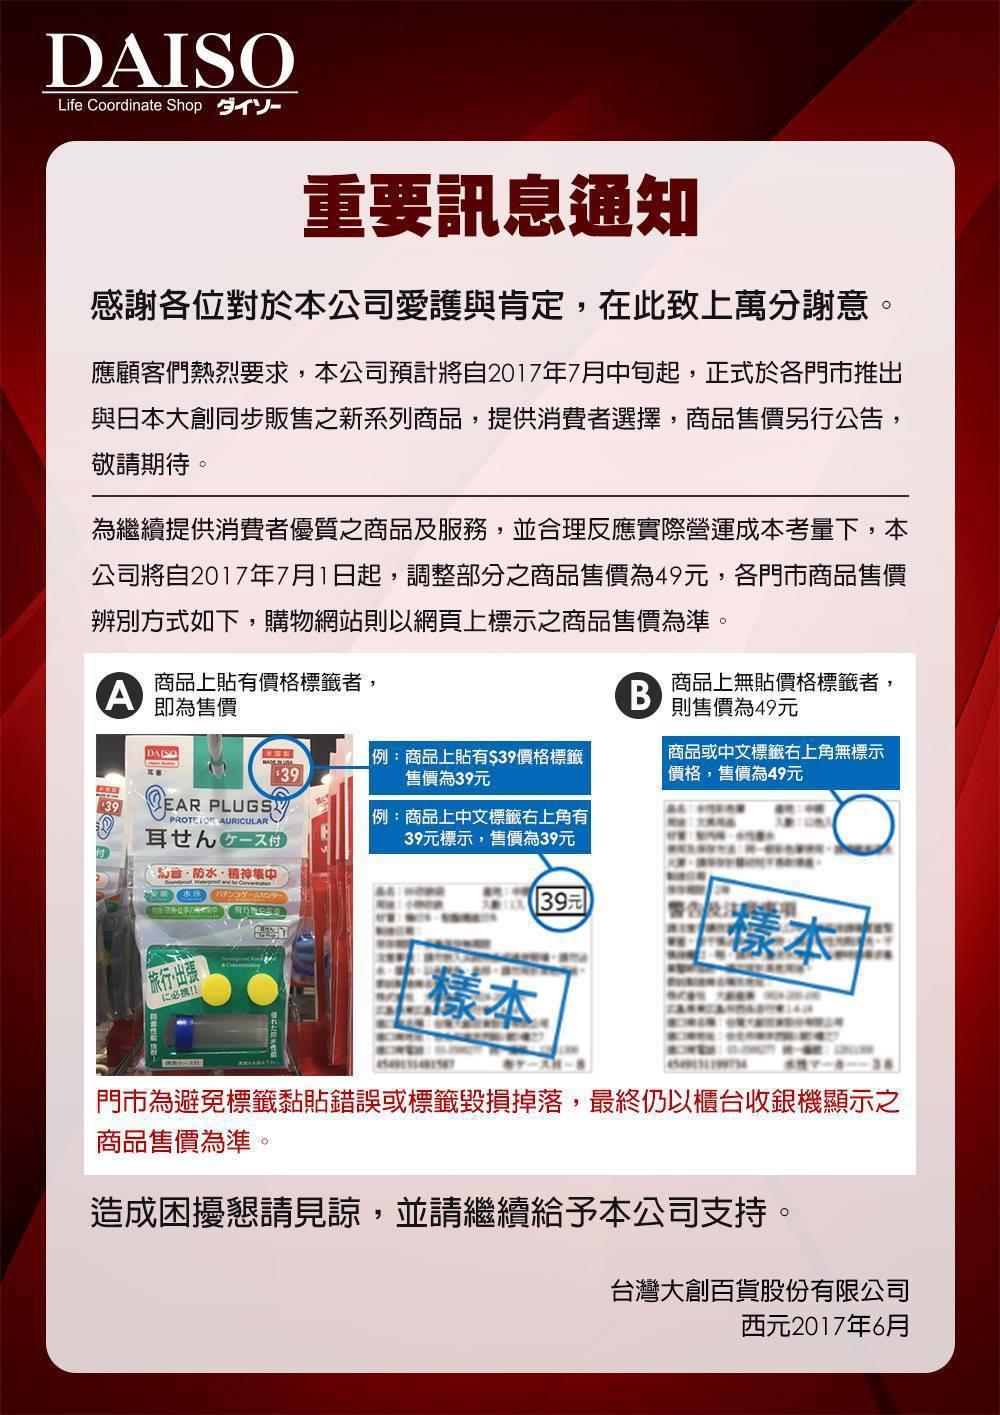 大創DAISO發出漲價聲明。圖/轉載自大創DAISO官方臉書粉絲專頁